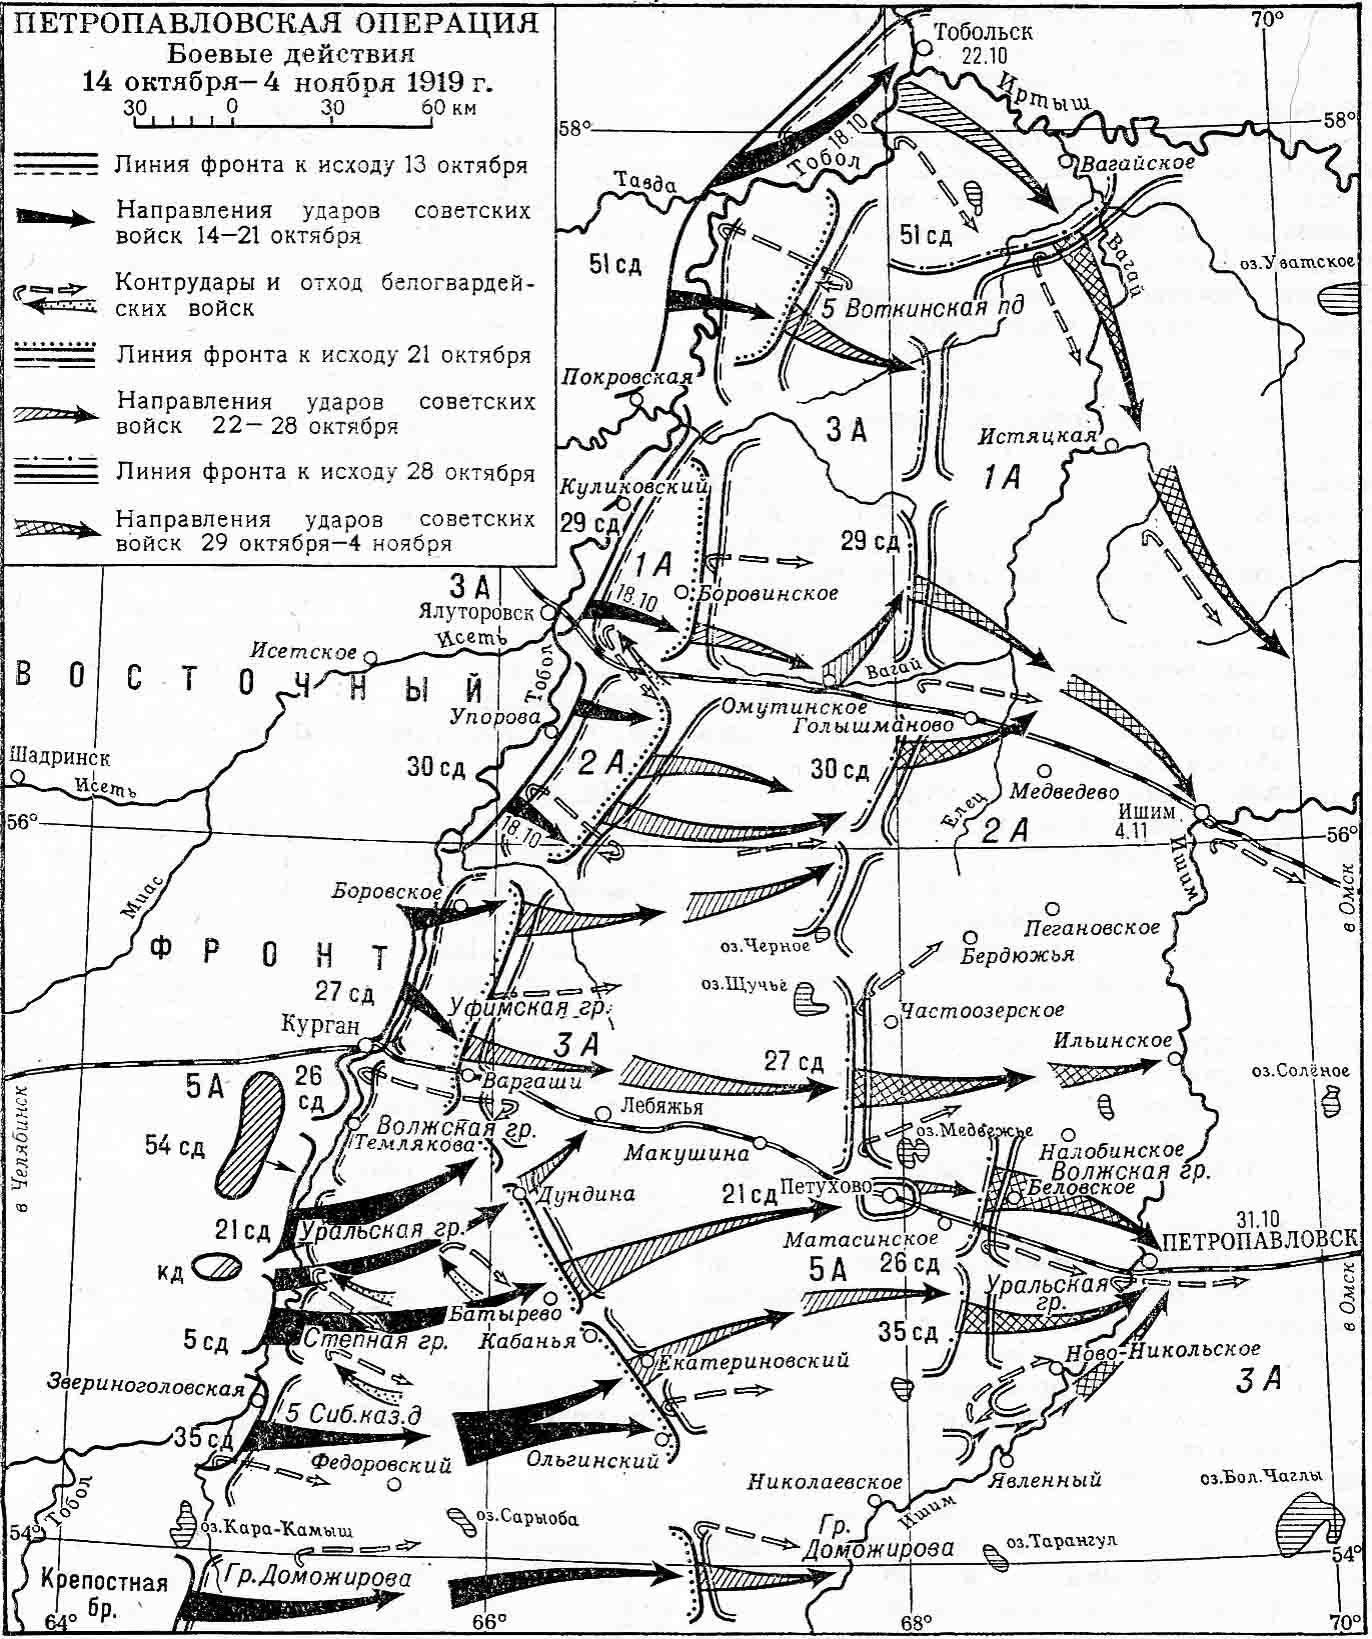 petropavlovskaya operaciya 1919 2